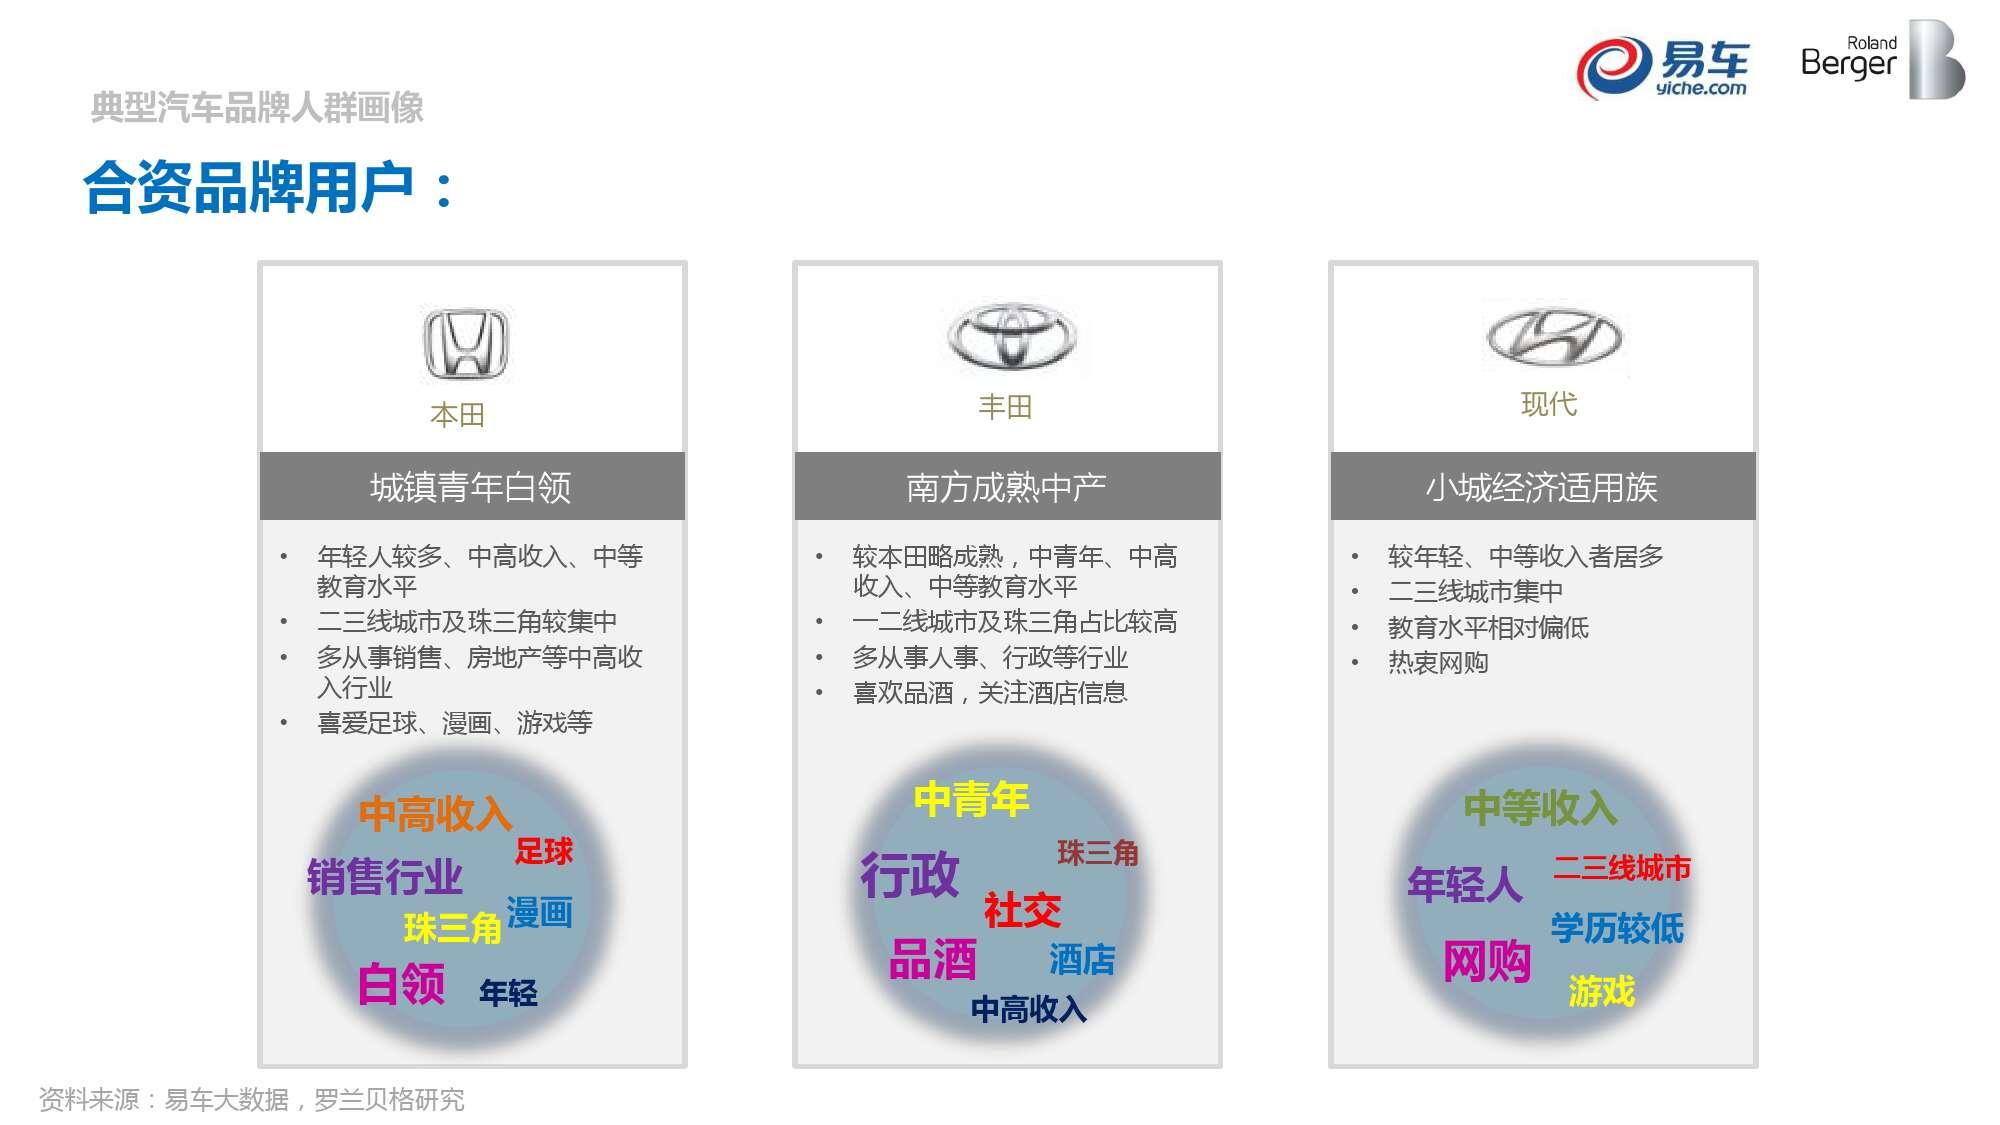 2015中国汽车消费者洞察报告_000049